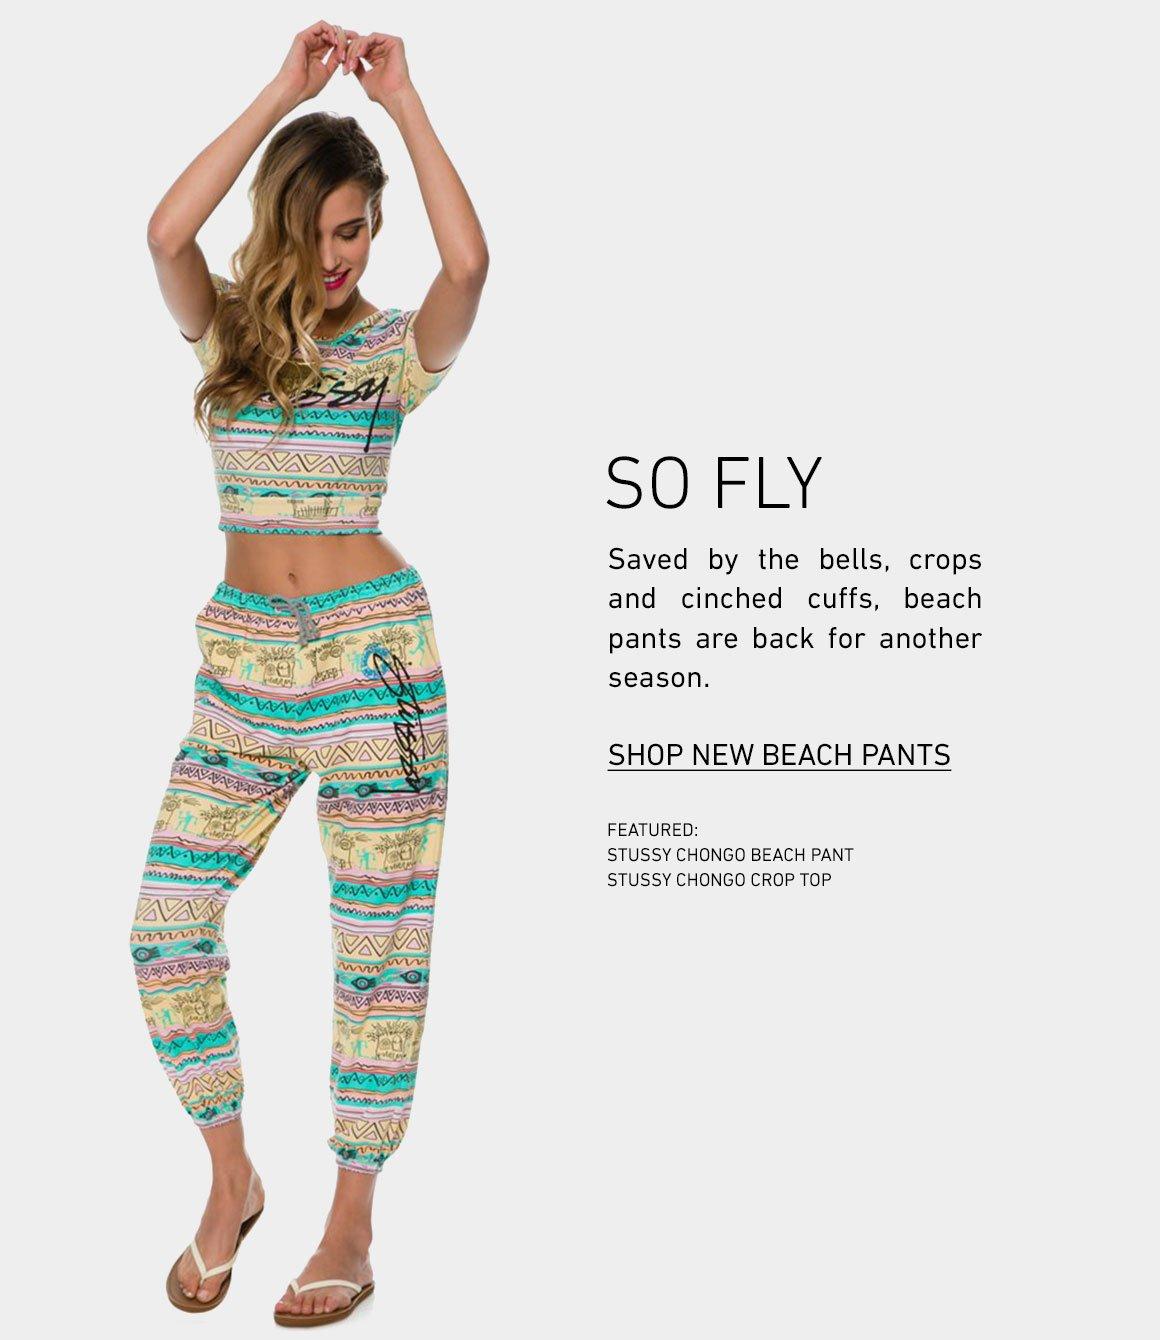 So Fly: Shop New Beach Pants